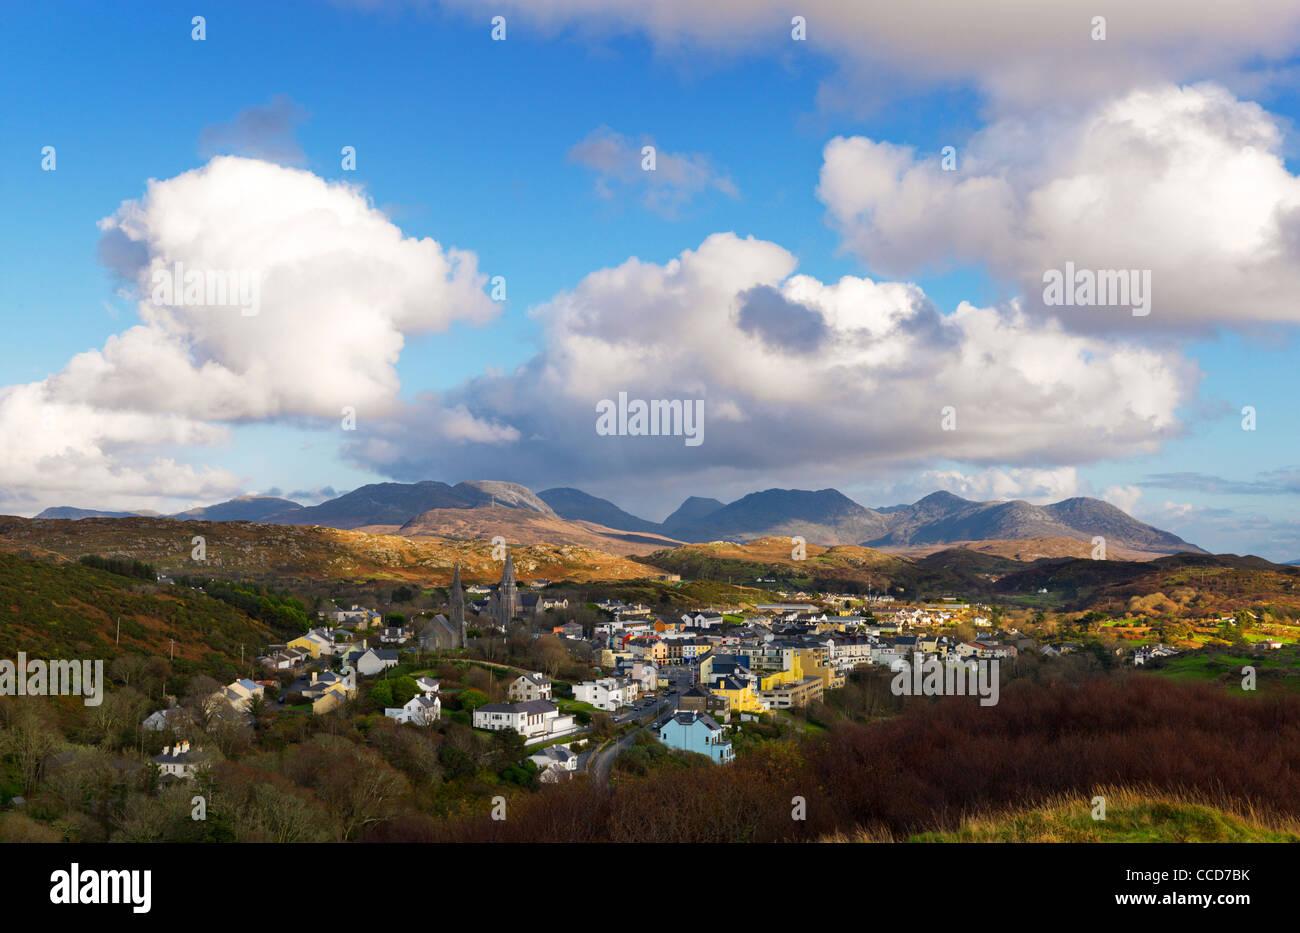 Clifden, Connemara, The Twelve Pins, Co. Galway, Ireland - Stock Image